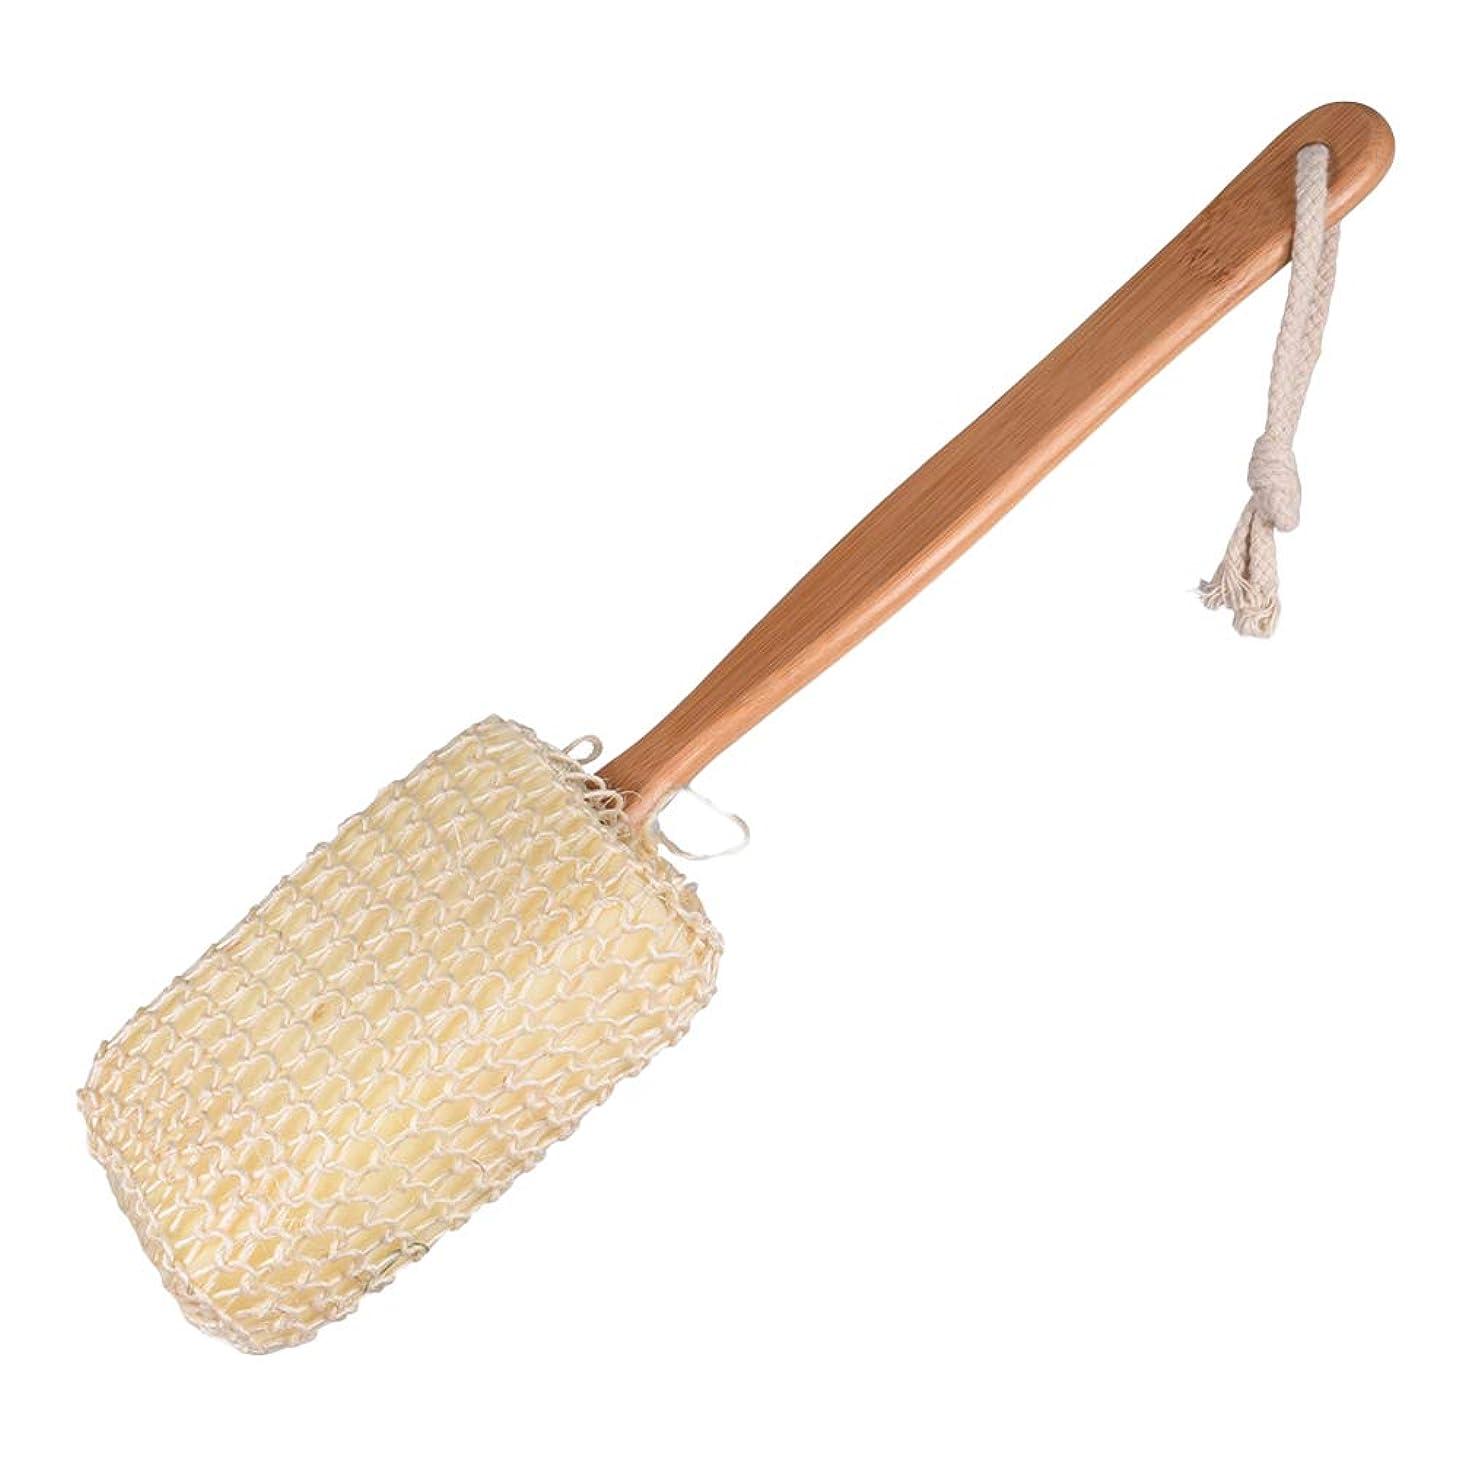 間違いなくフレキシブルにじみ出るYardwe ドライブラッシングボディーブラシナチュラルサイザルスポンジ取り外し可能な長い木製の竹のハンドル死んだ皮膚はセルライトの剥離を助けます